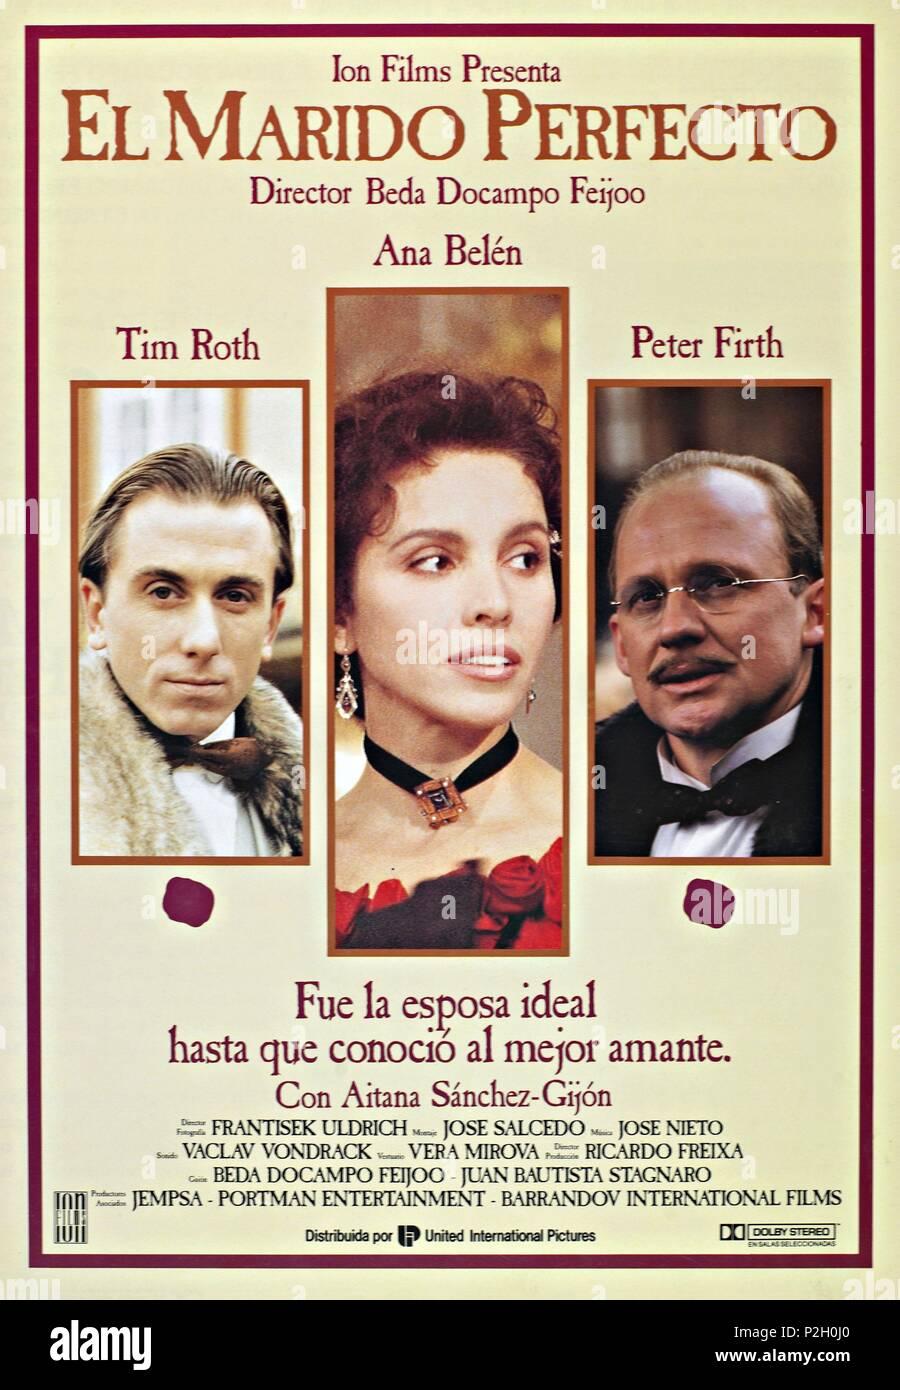 El título de la película original: EL MARIDO PERFECTO. Título en inglés: EL MARIDO PERFECTO. El director de cine: Beda Docampo Feijoo. Año: 1993. Crédito: ION Films / Álbum Imagen De Stock